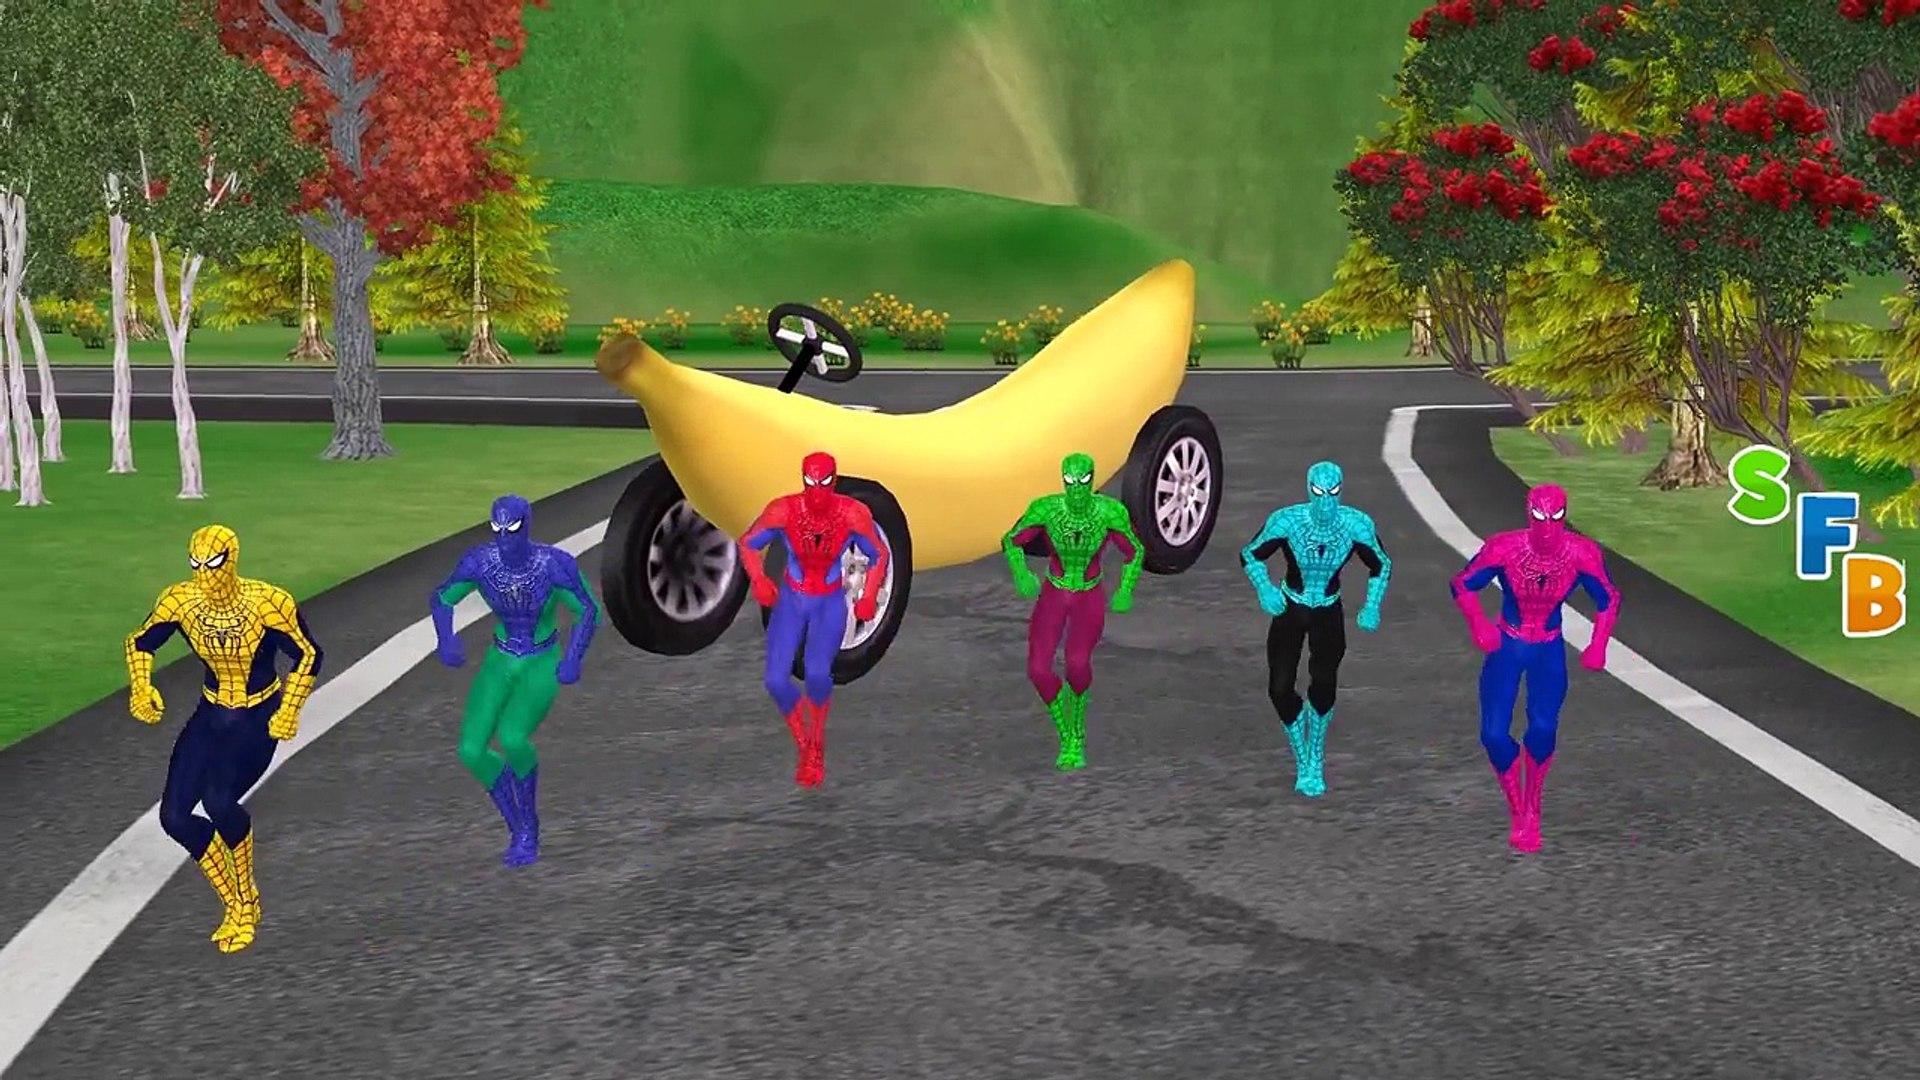 Банан мальчик автомобиль Папа водить машину эпизоды Семья палец миньоны Новые функции питомник сила